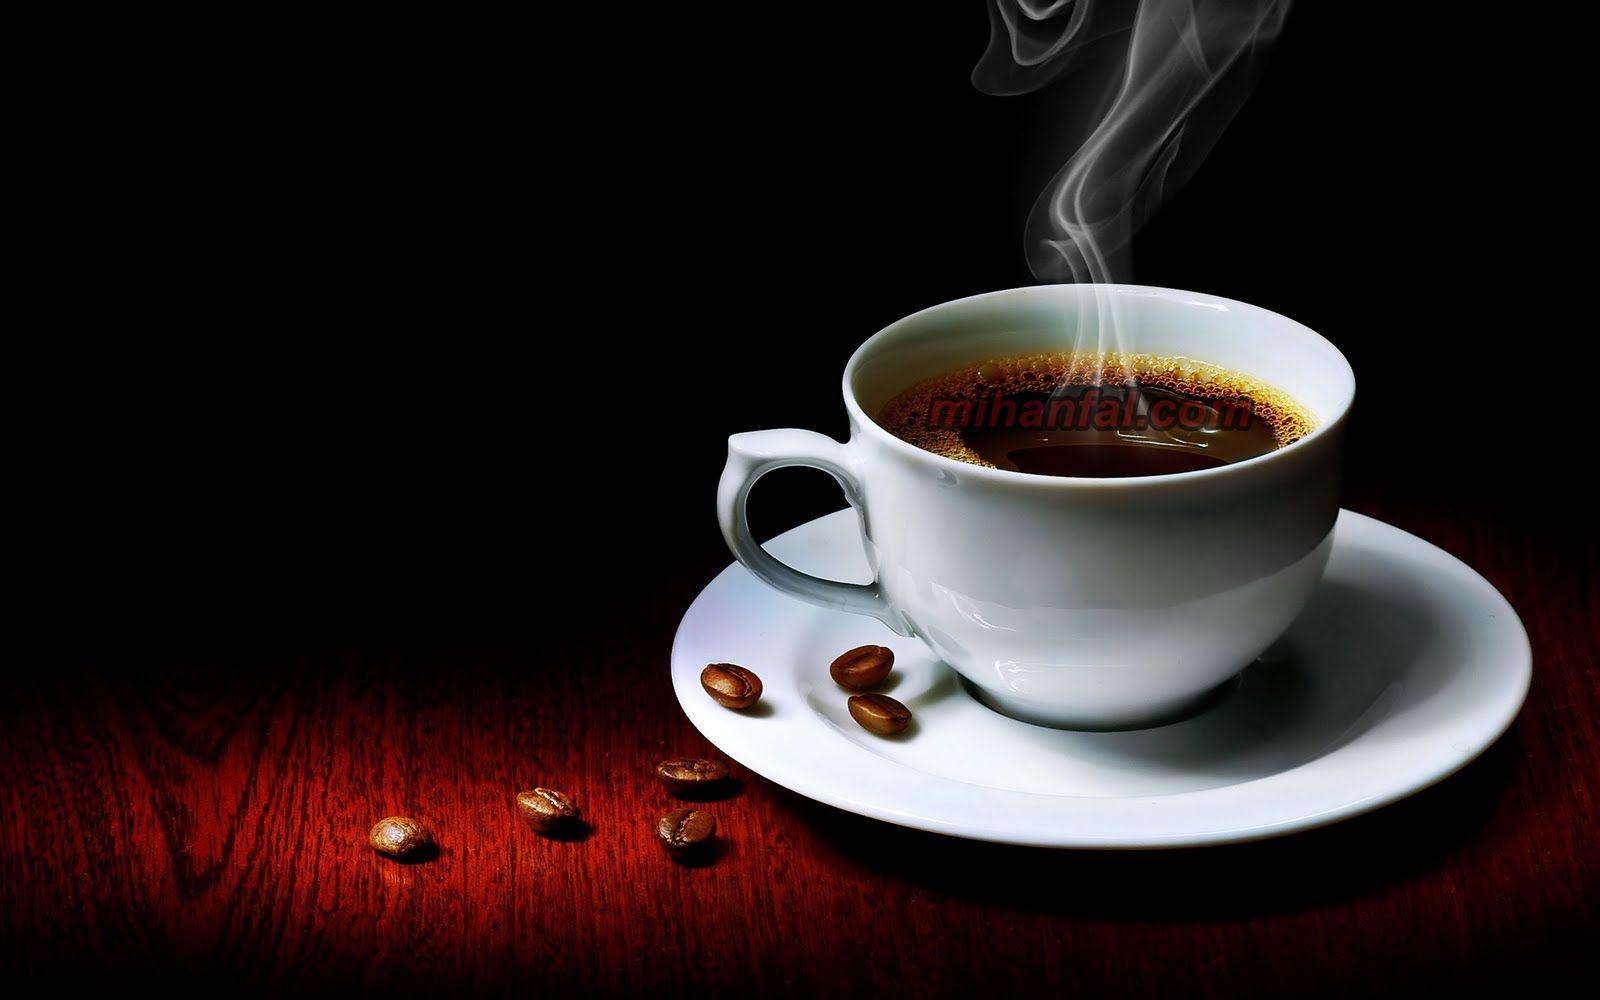 خواص دارویی باورنکردنی قهوه